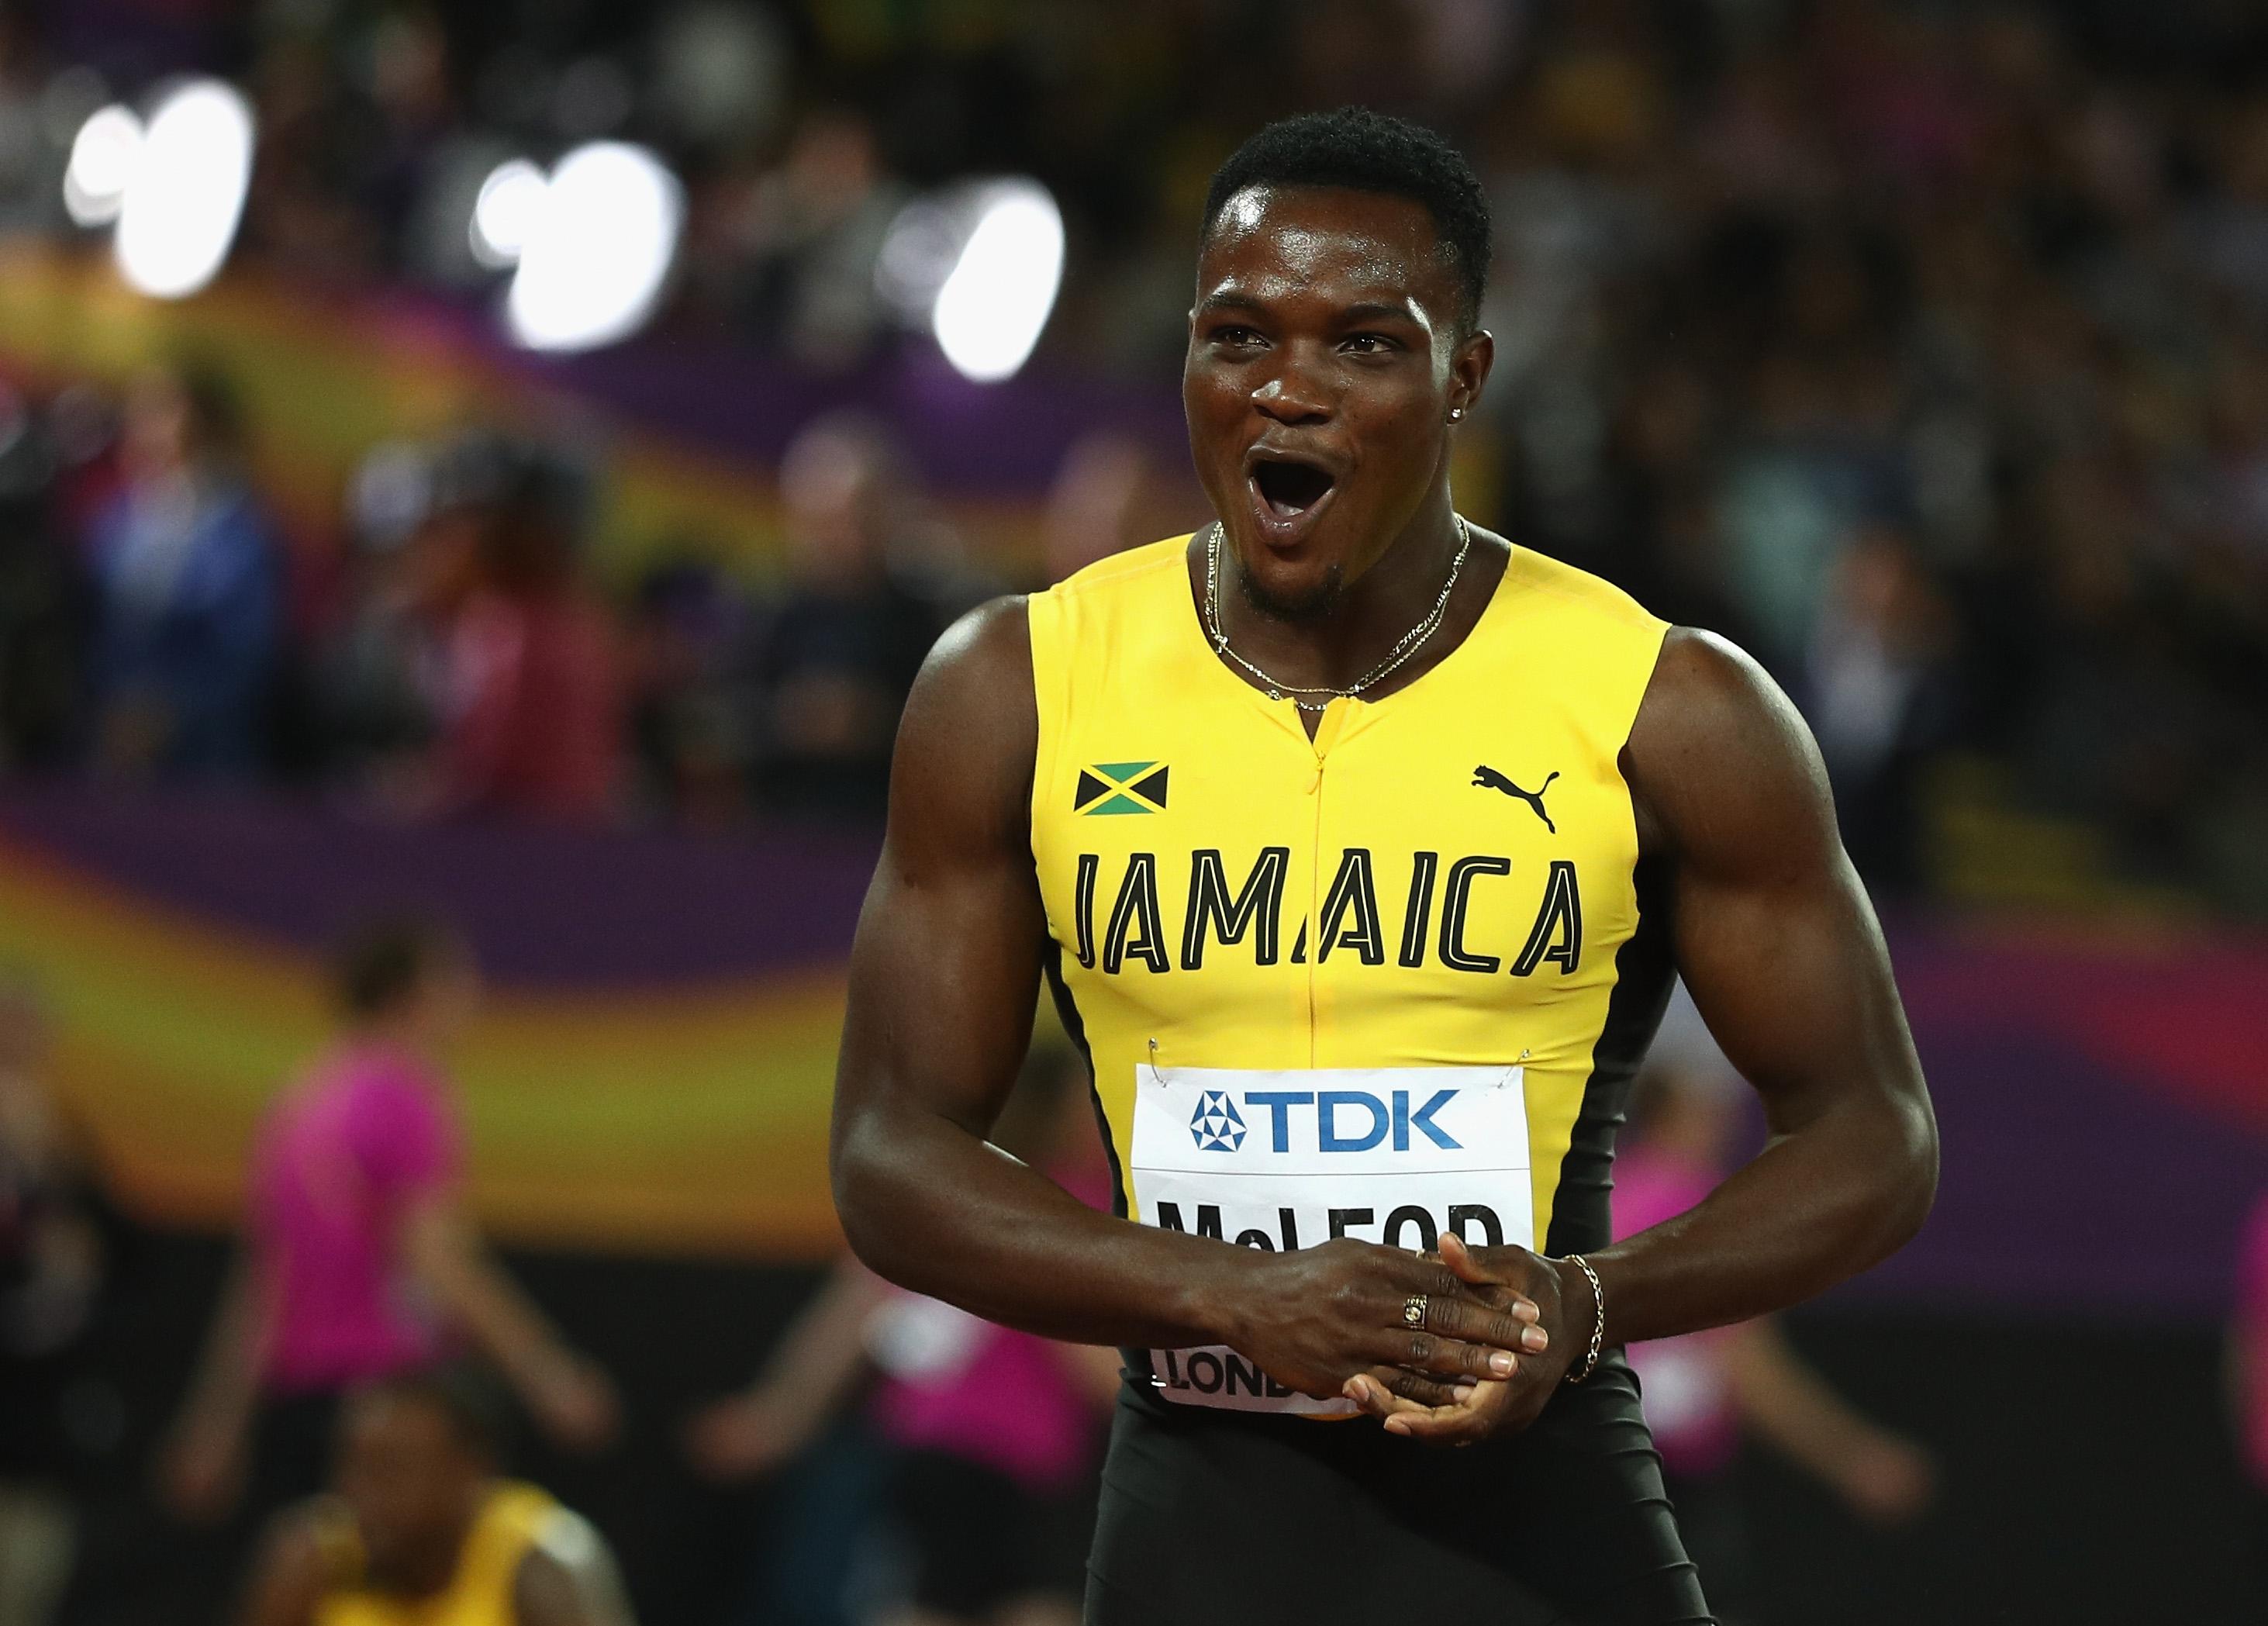 Световният и олимпийски шампион на 110 метра с препятствия Омар